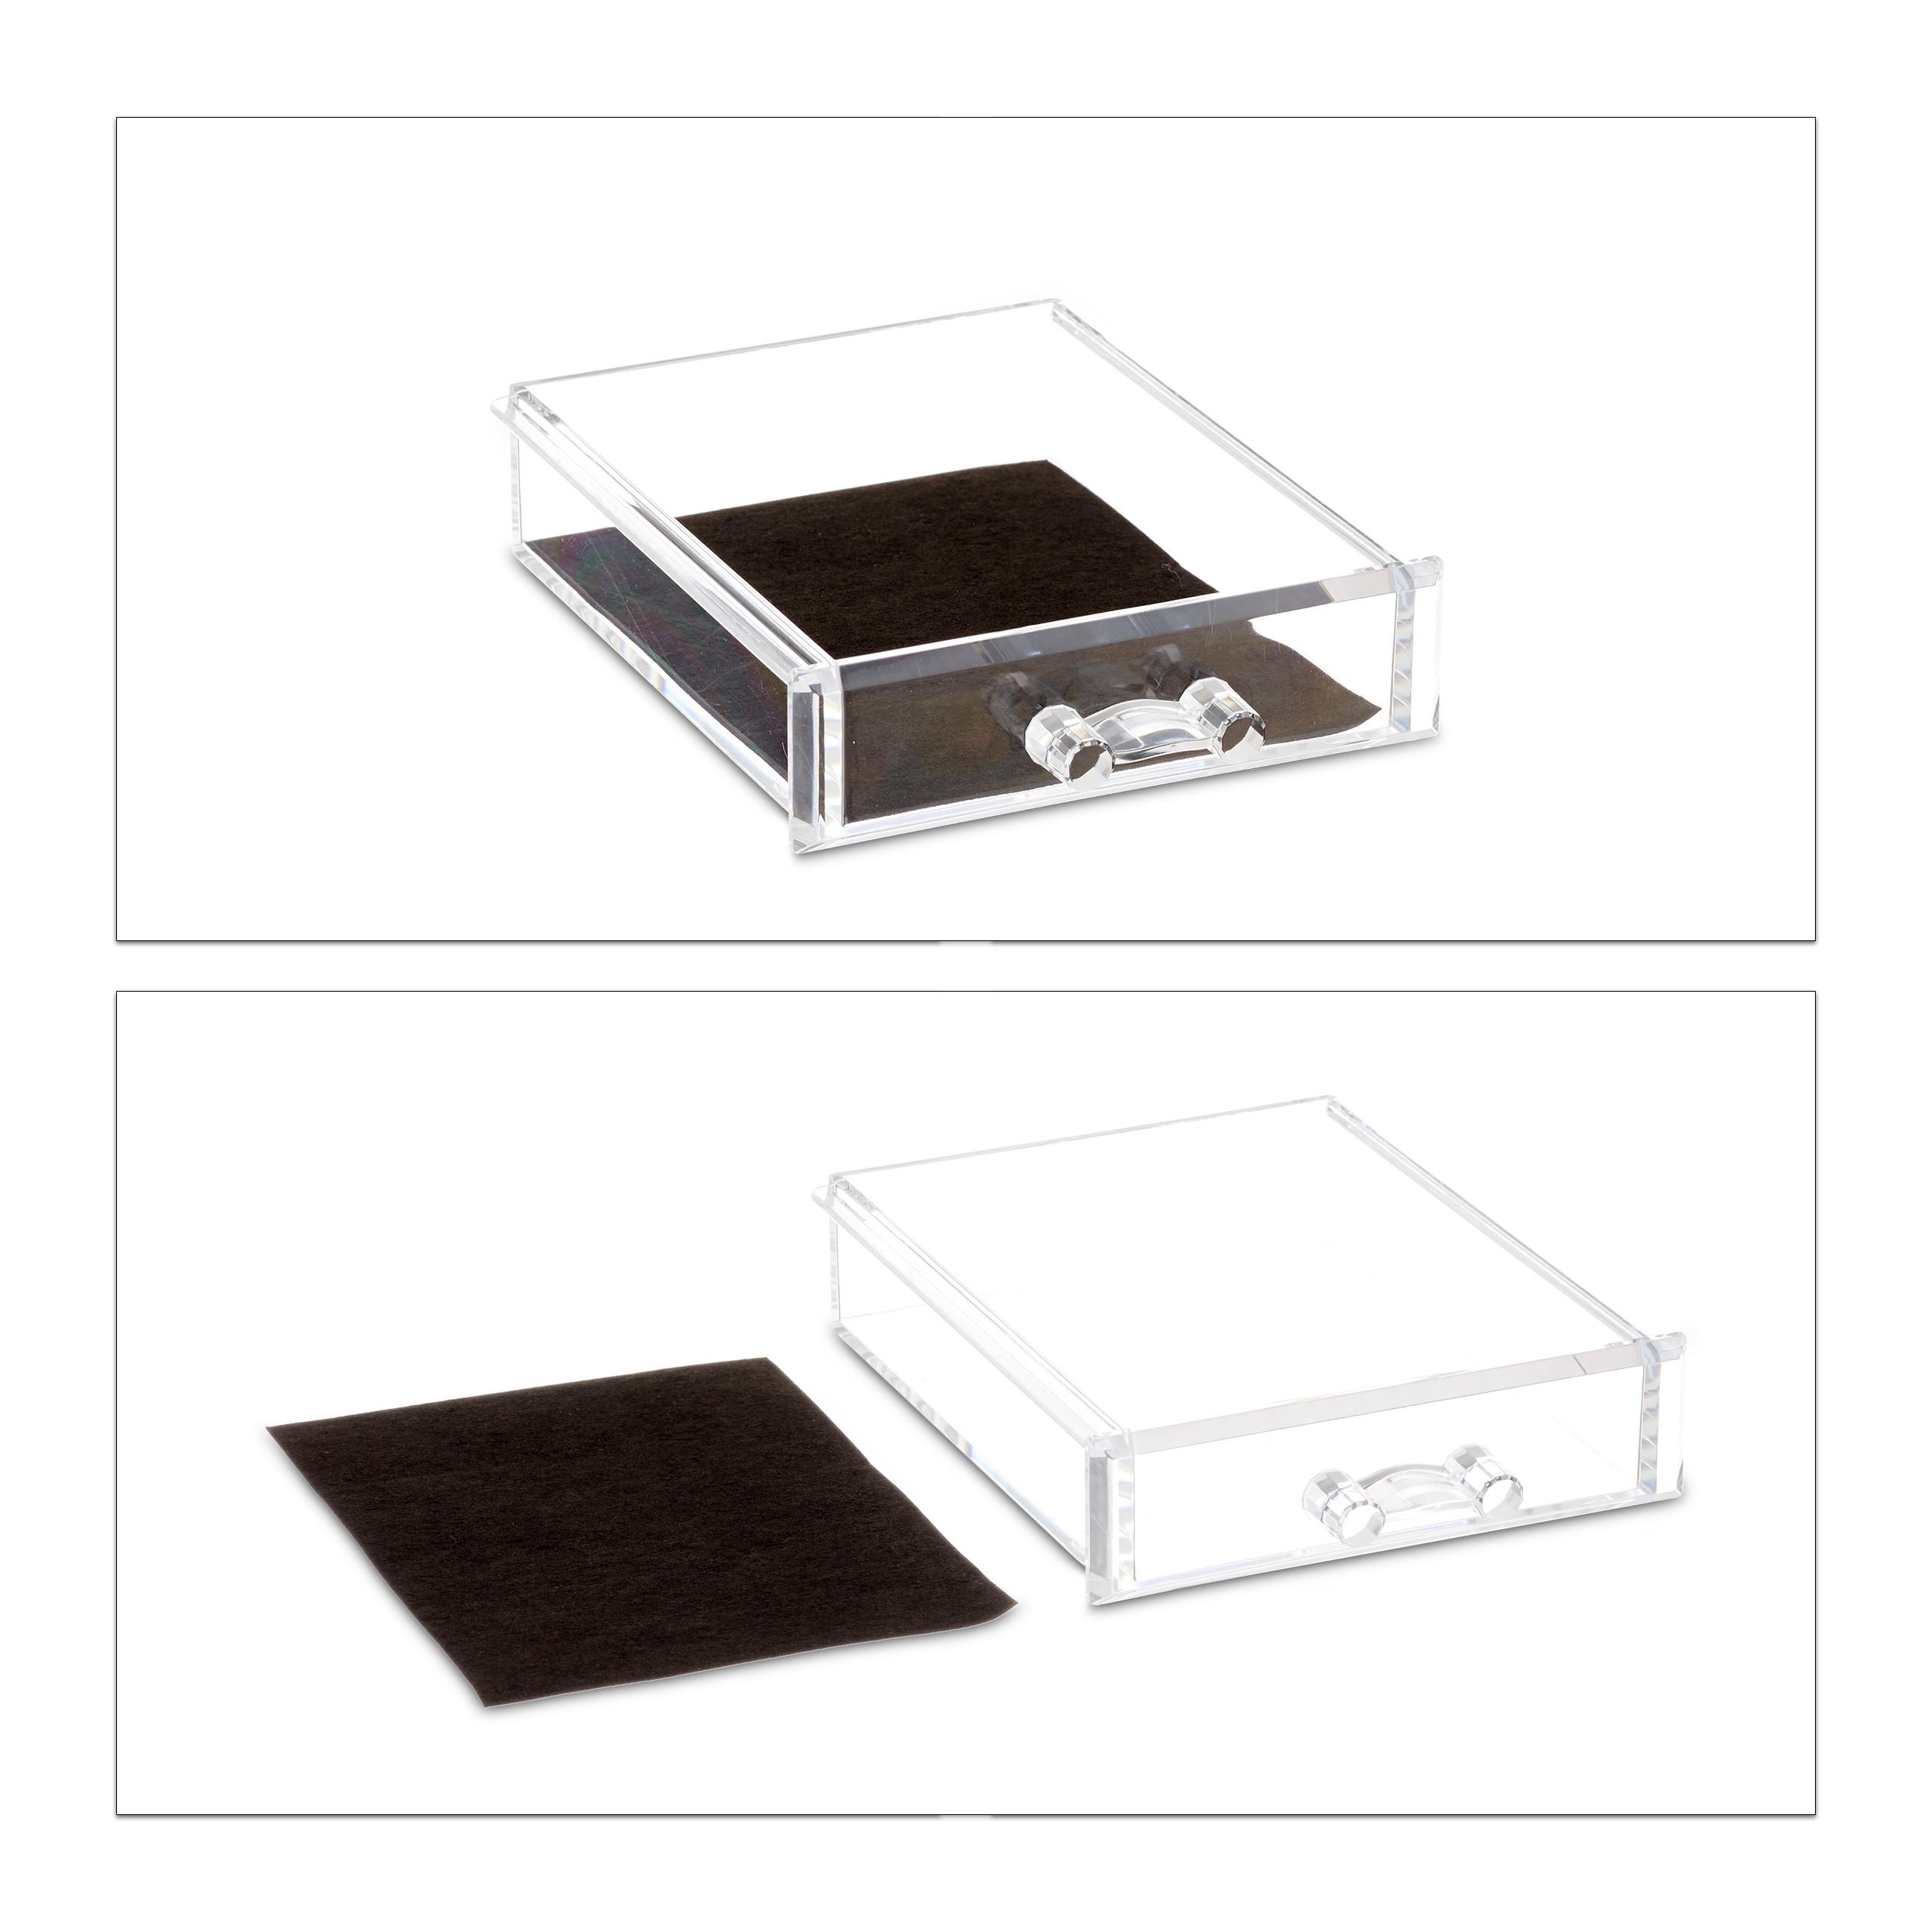 Make-Up-Organizer-Acrylbox-Lippenstifthalter-2-Schubladen-Schmuckaufbewahrung miniatuur 9